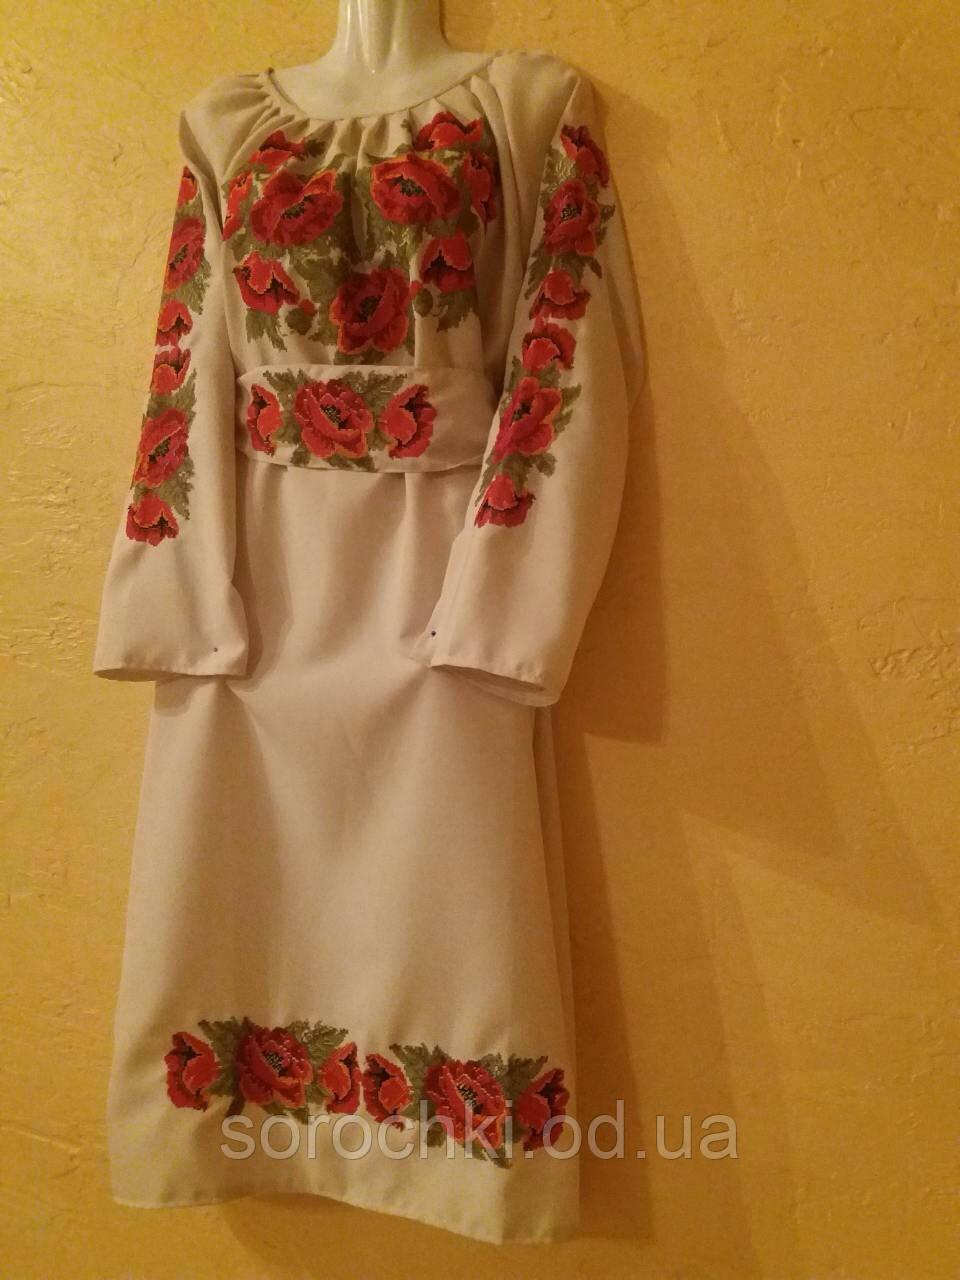 """Платье женское  с вышивкой , цветы , """"маки красные"""" .  бежевое,ленгабардин, прокат"""